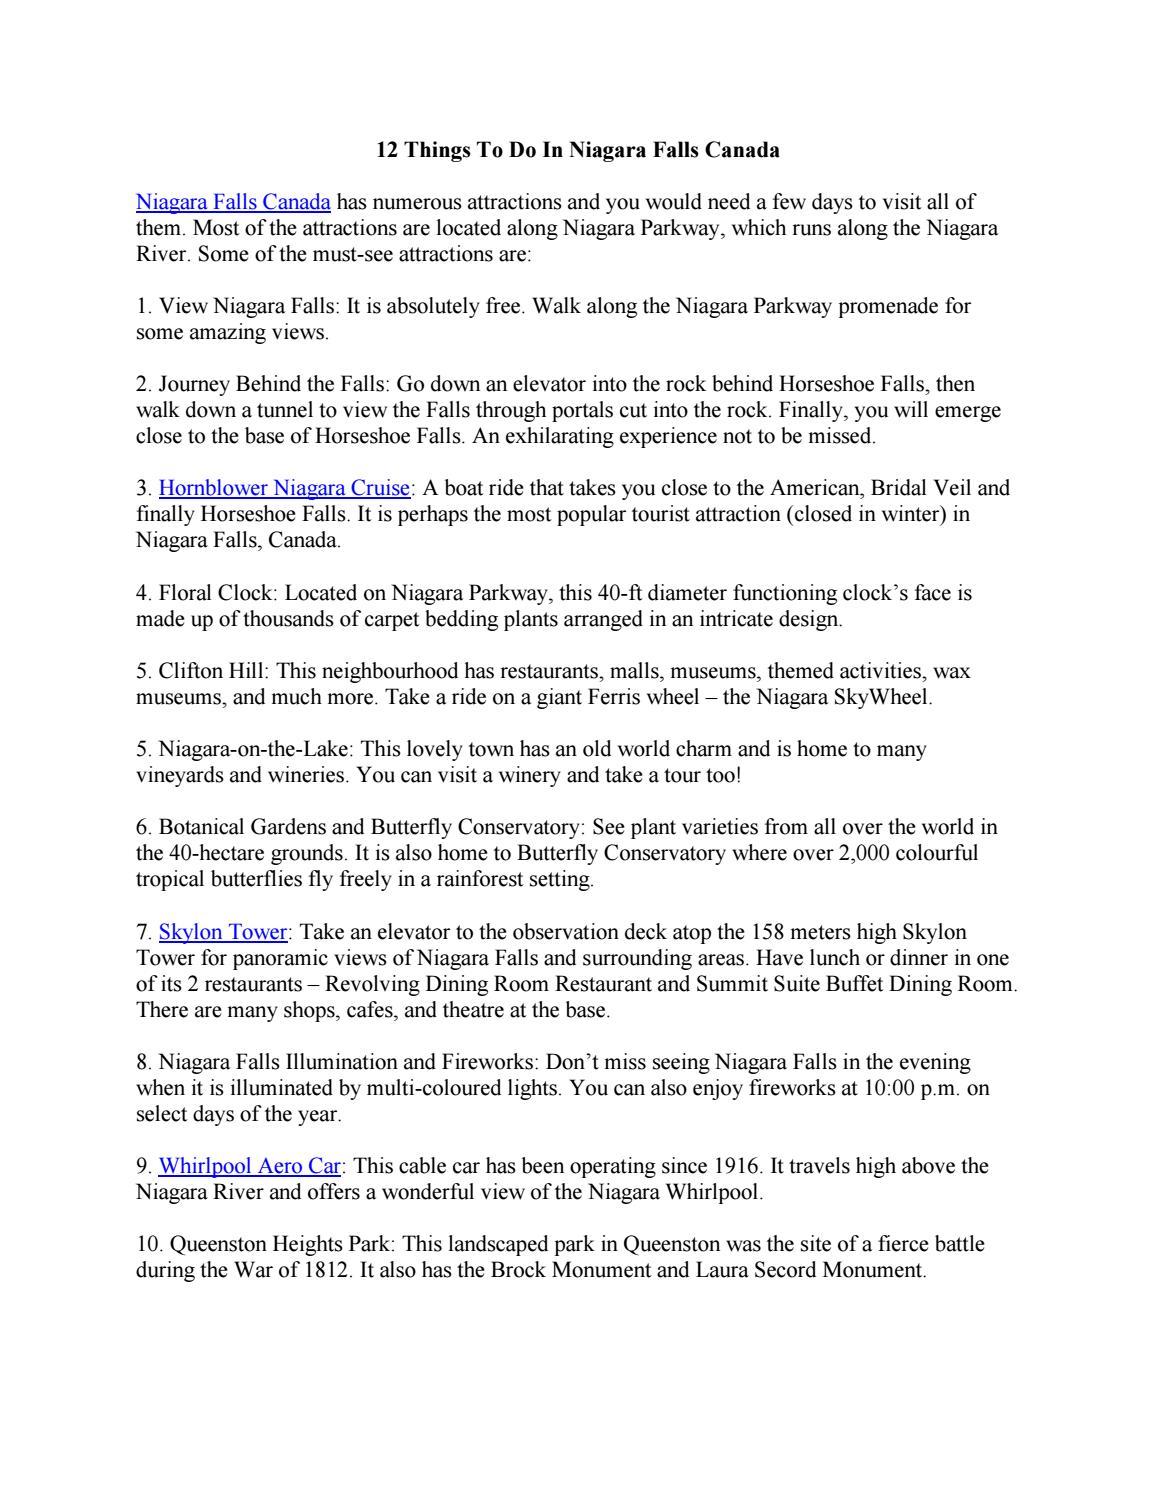 Things To Do In Niagara Falls Canada By ToNiagara